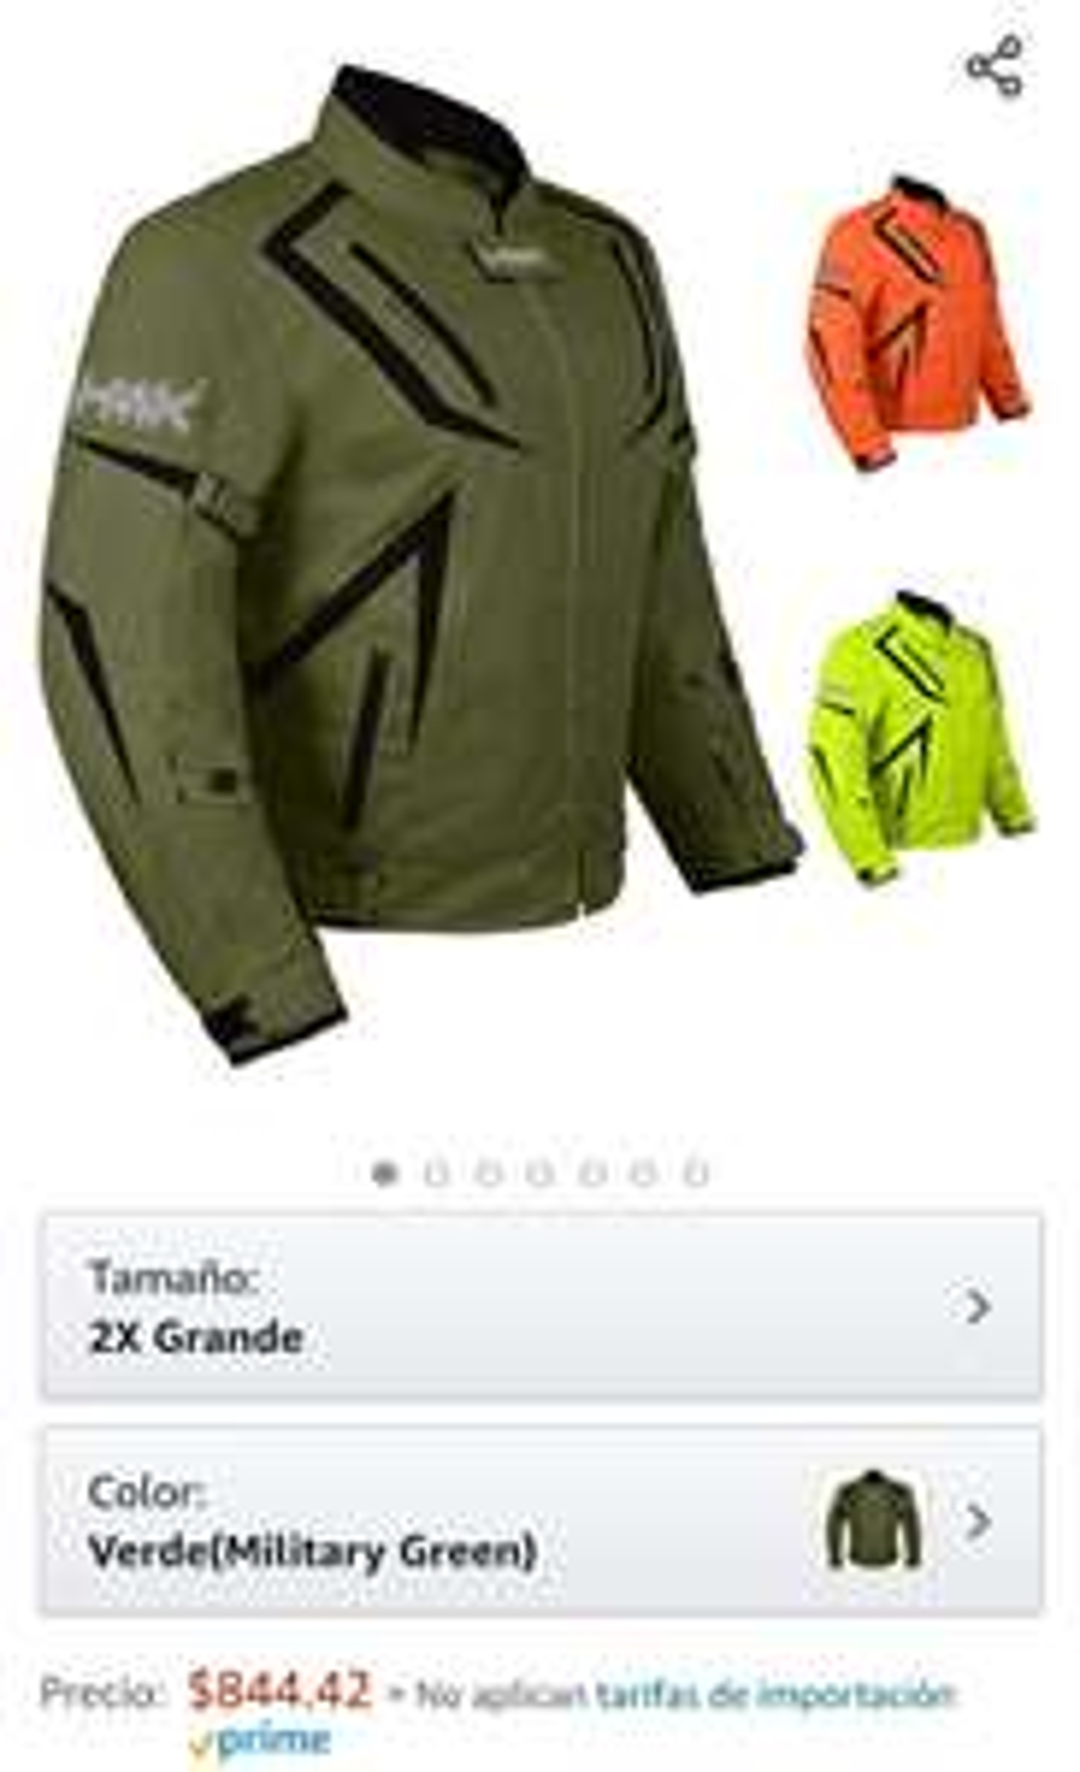 Amazon: Chamarra 2XL de motocicleta HWK para hombre